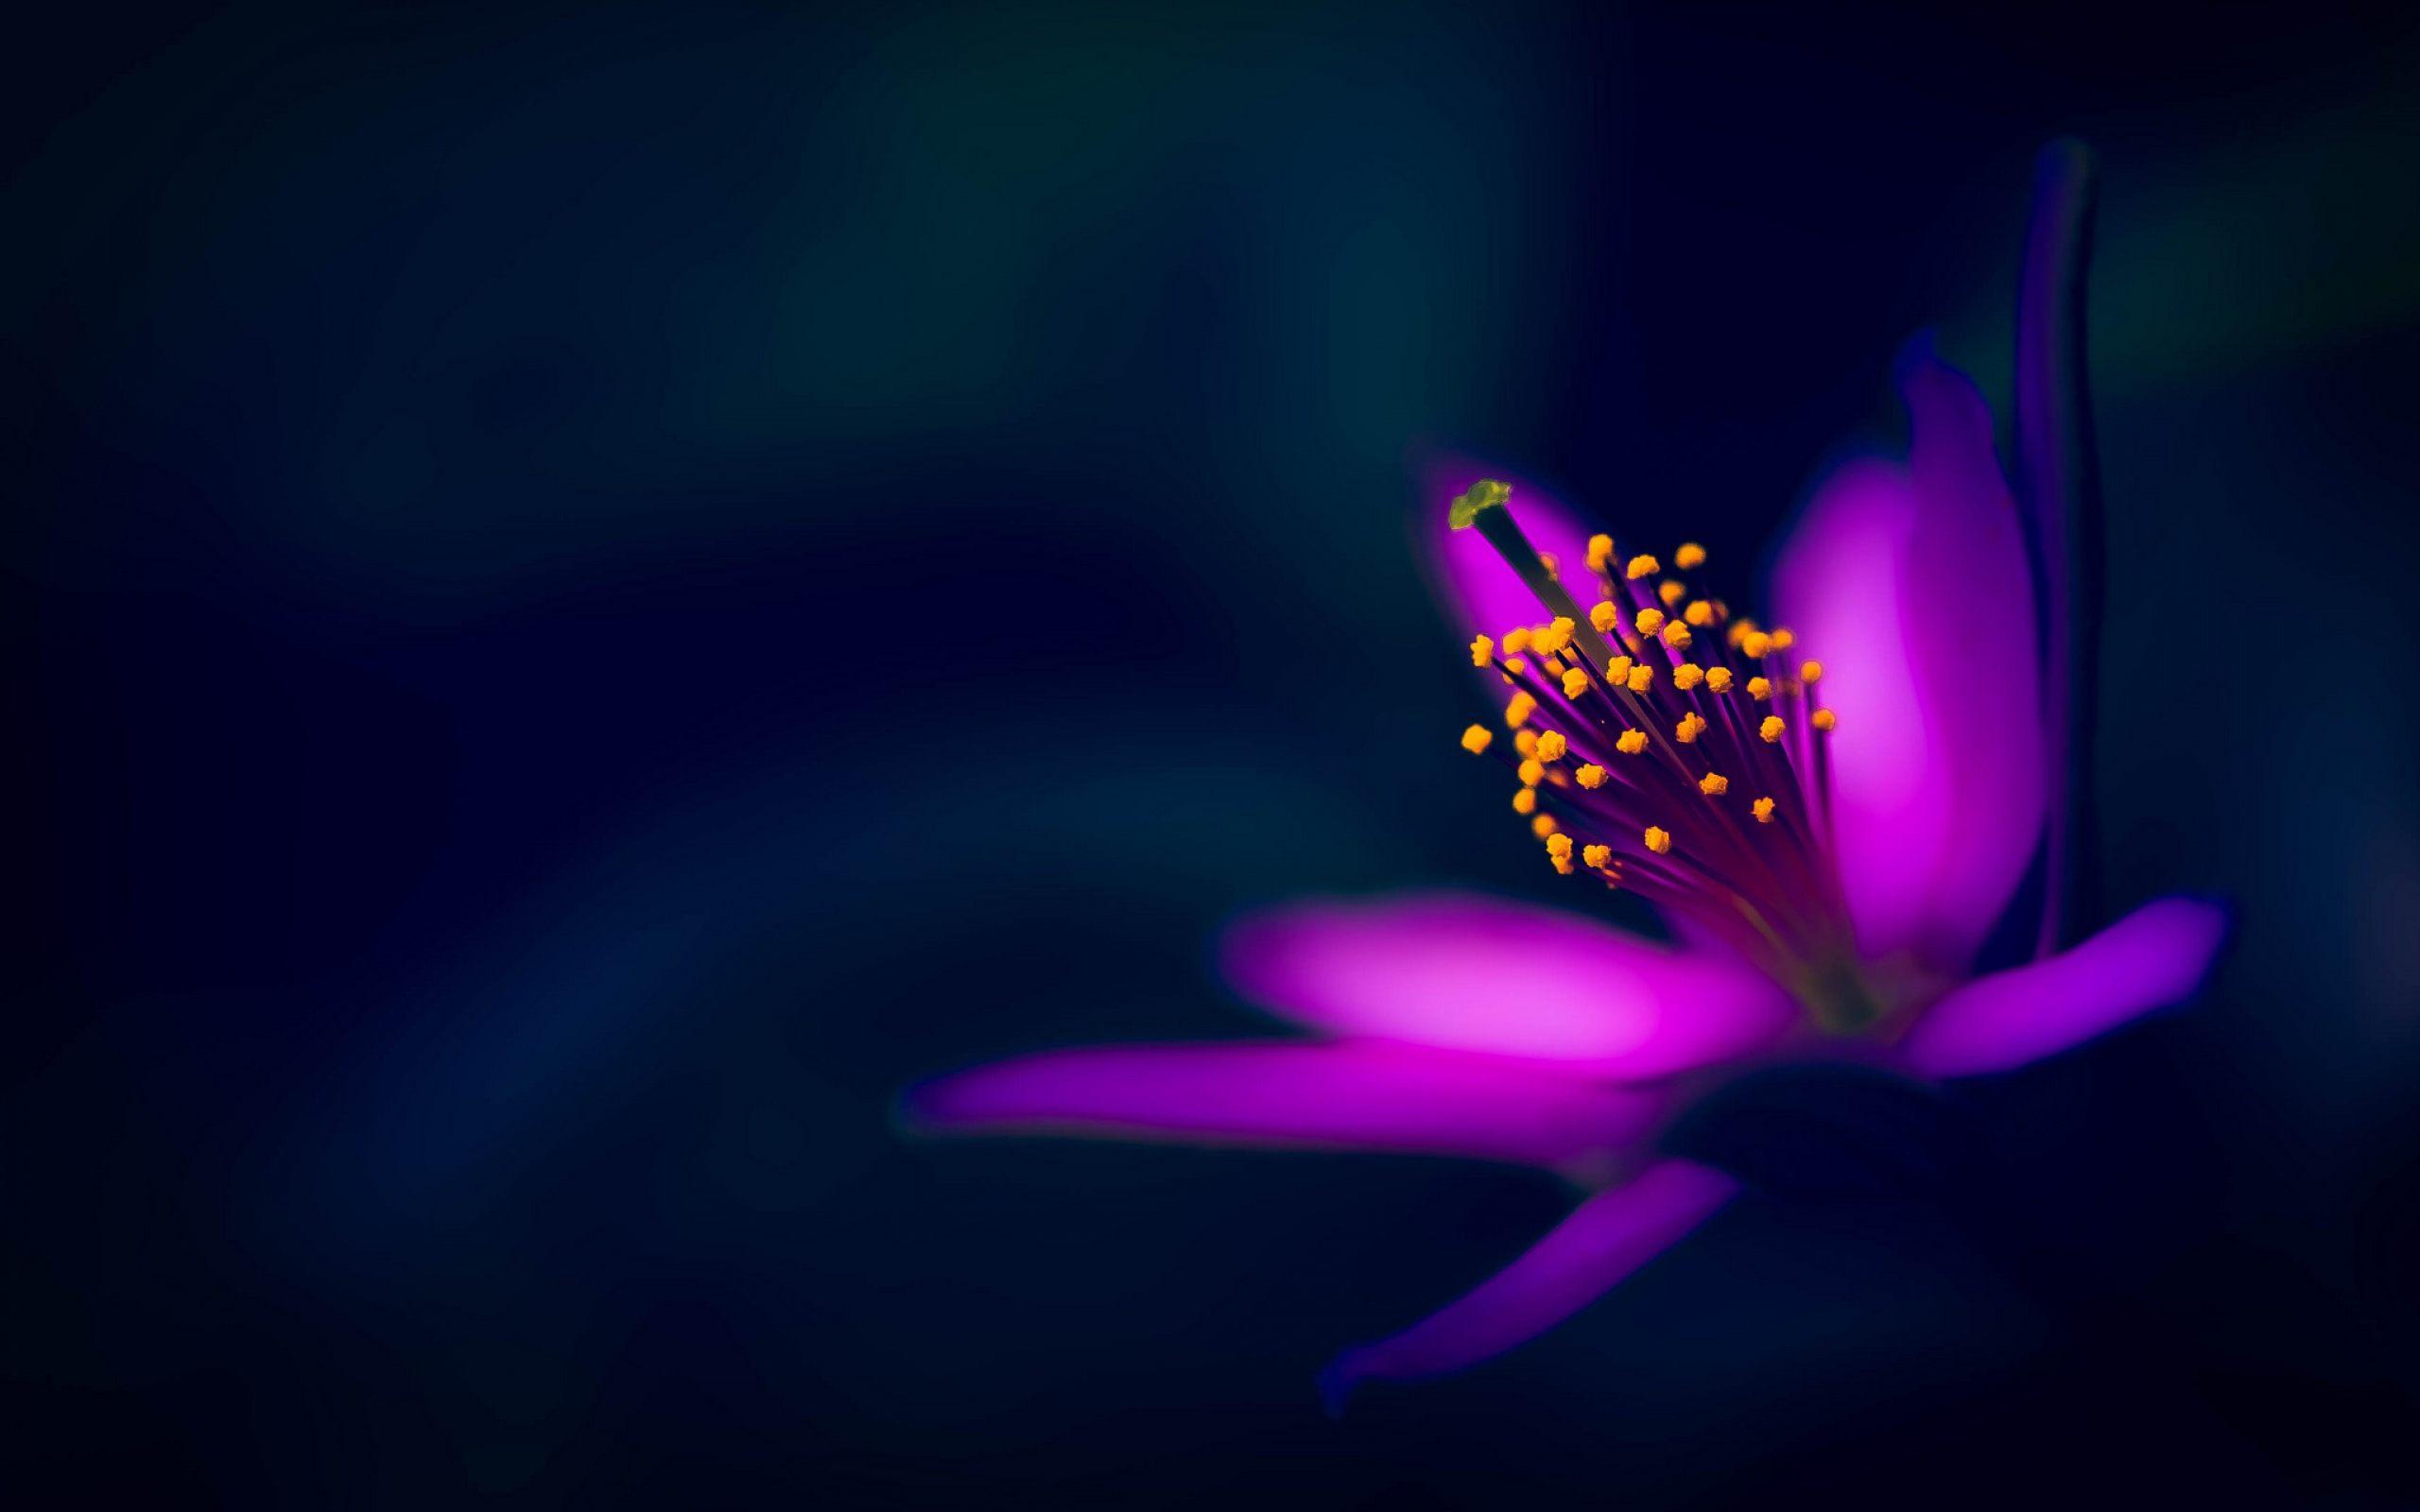 Dark Flower Background Posted By Samantha Cunningham